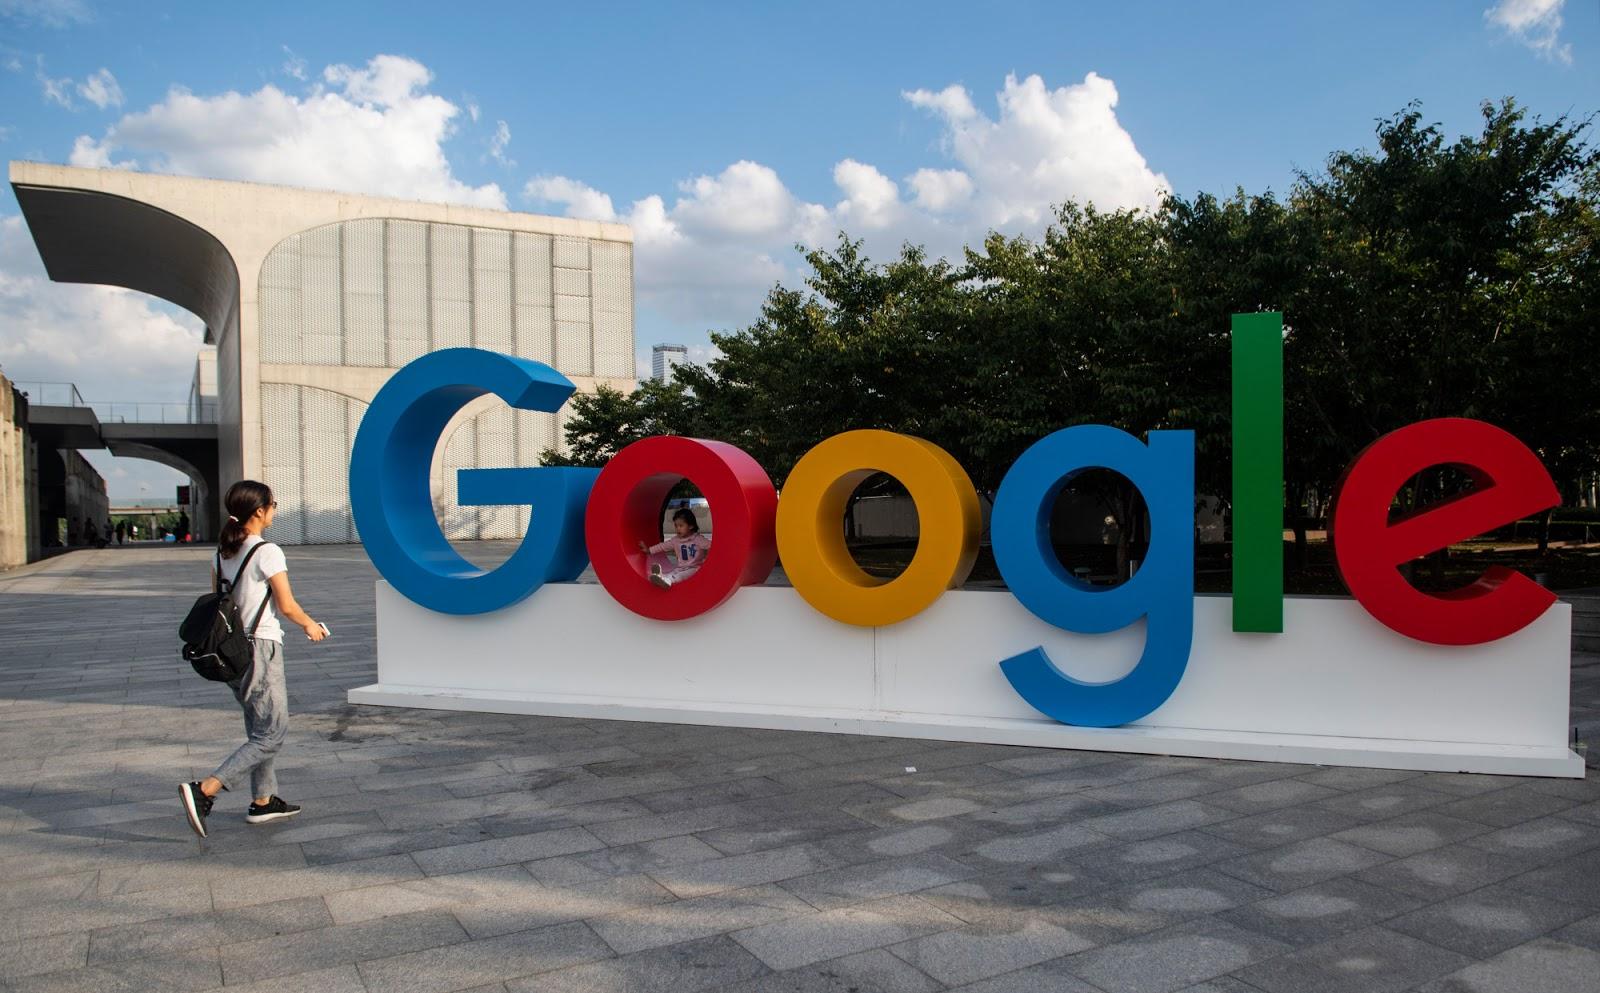 Google Alphabet Q1 revenue announced, up 13 percent